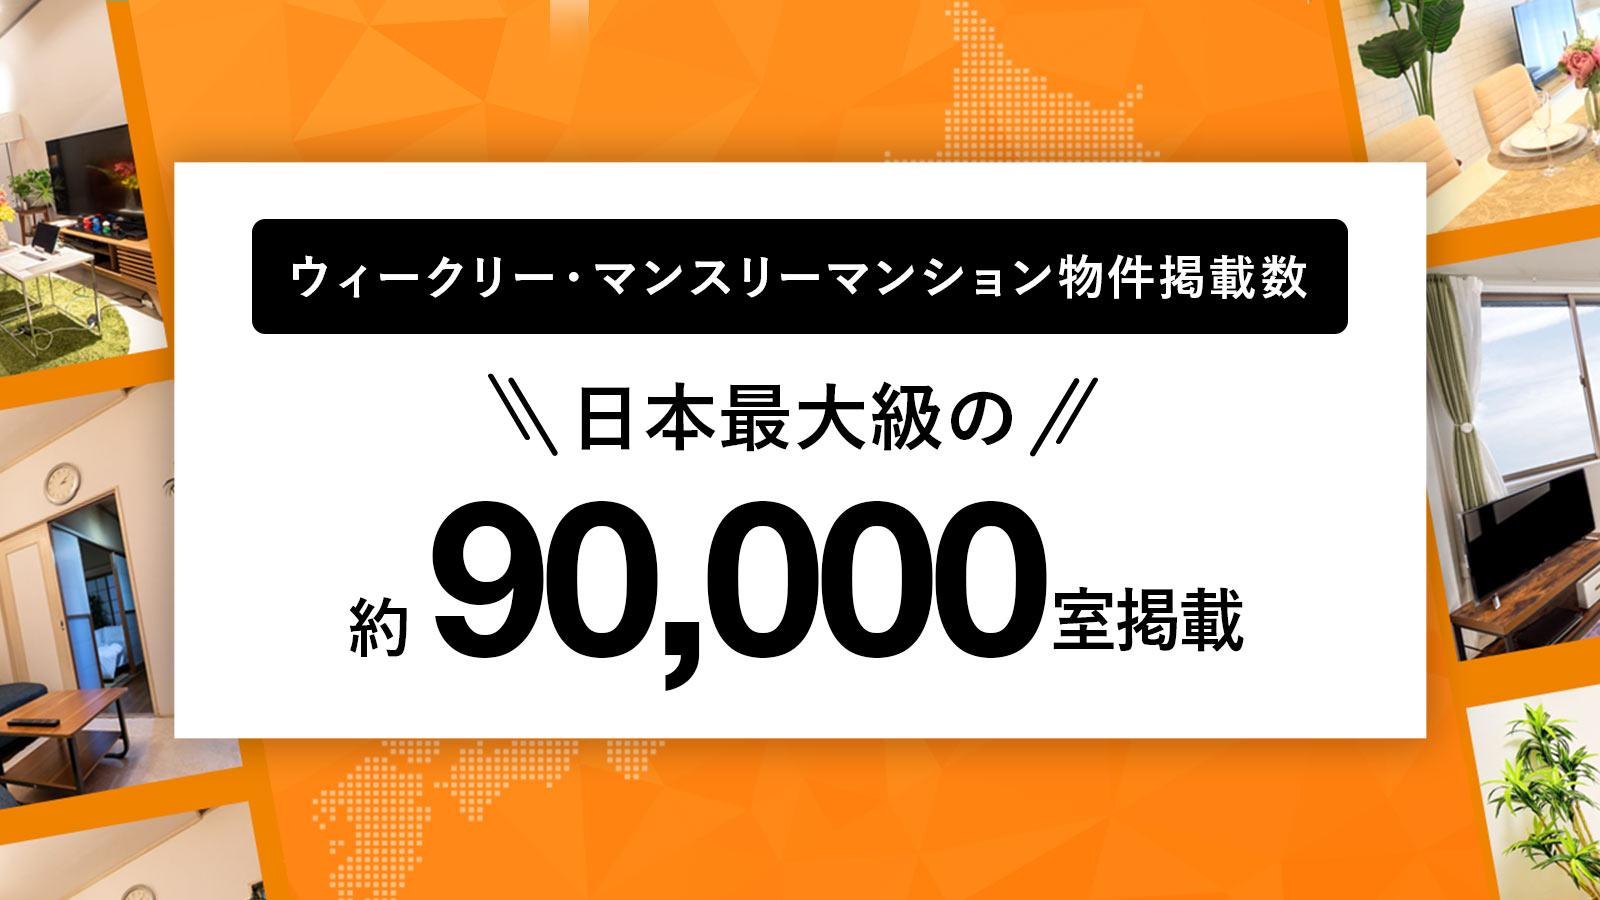 【PR】約90,000室掲載で日本一へ。W&M(ウィークリー&マンスリー)、全都道府県でマンスリーマンションの取扱い開始!